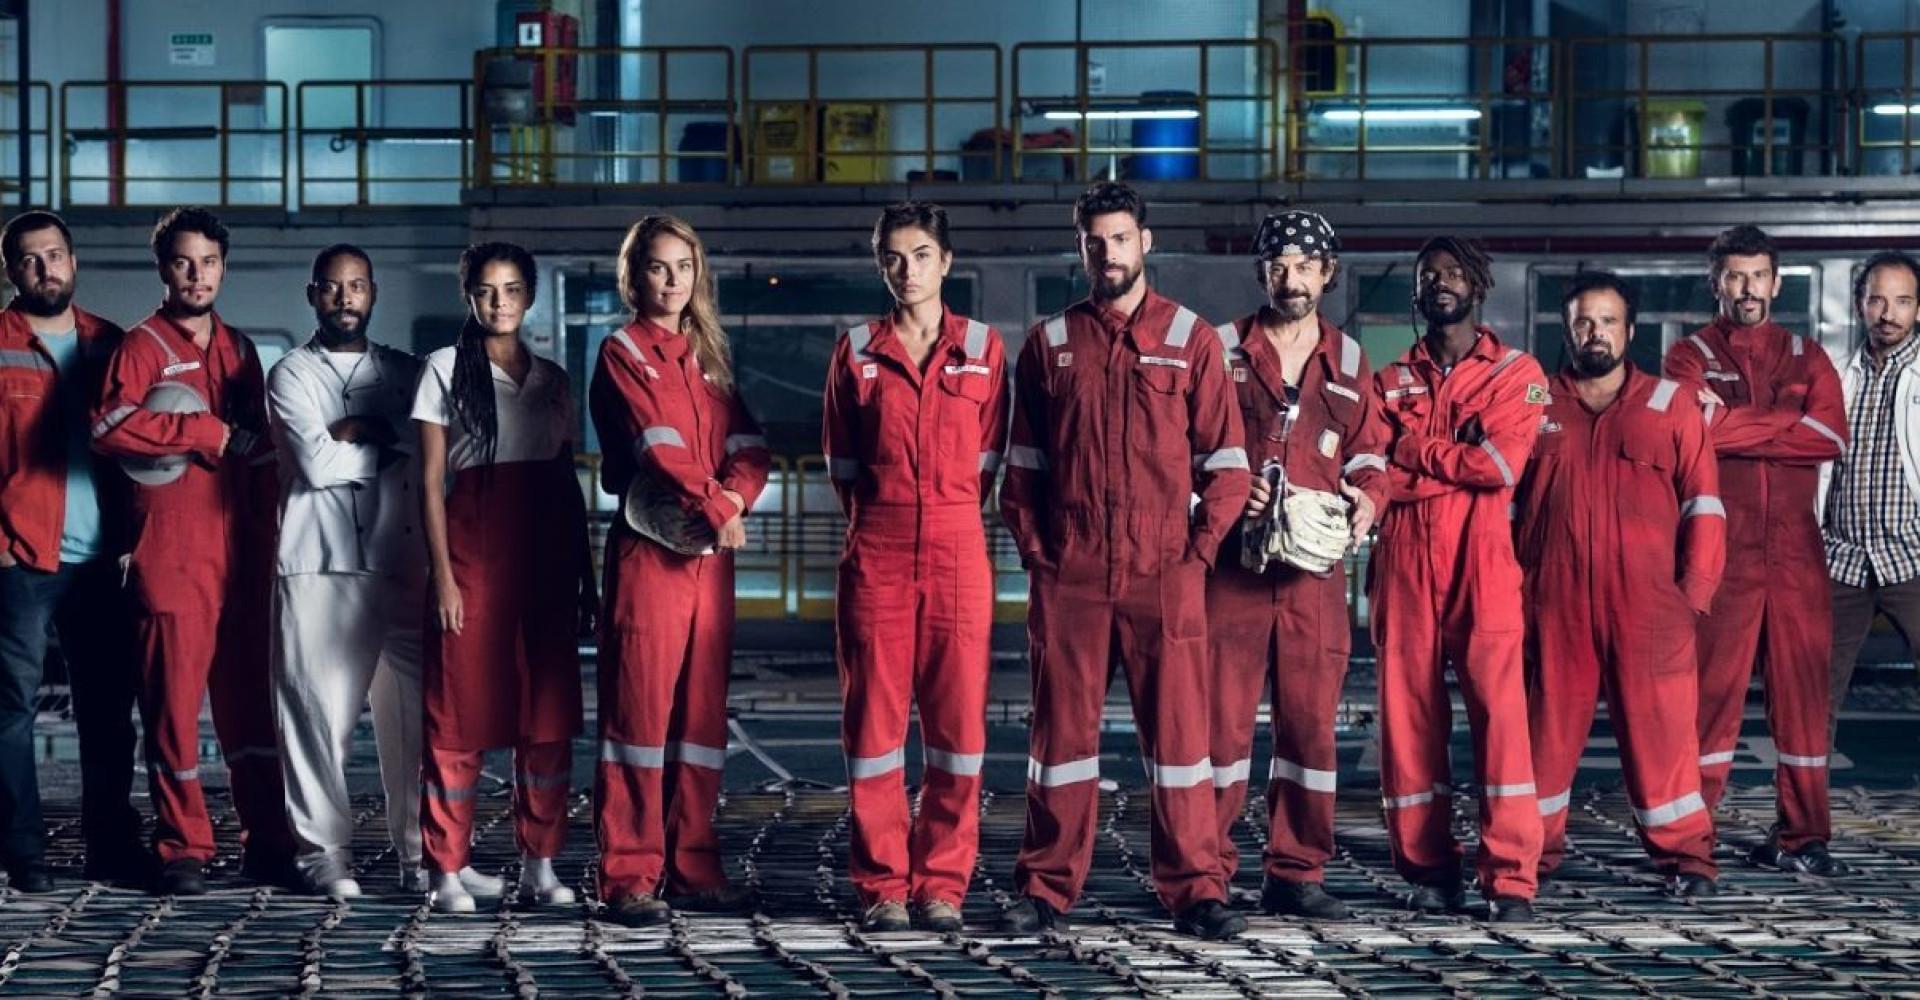 Globo decide exibir primeira temporada de 'Ilha de Ferro' na TV aberta